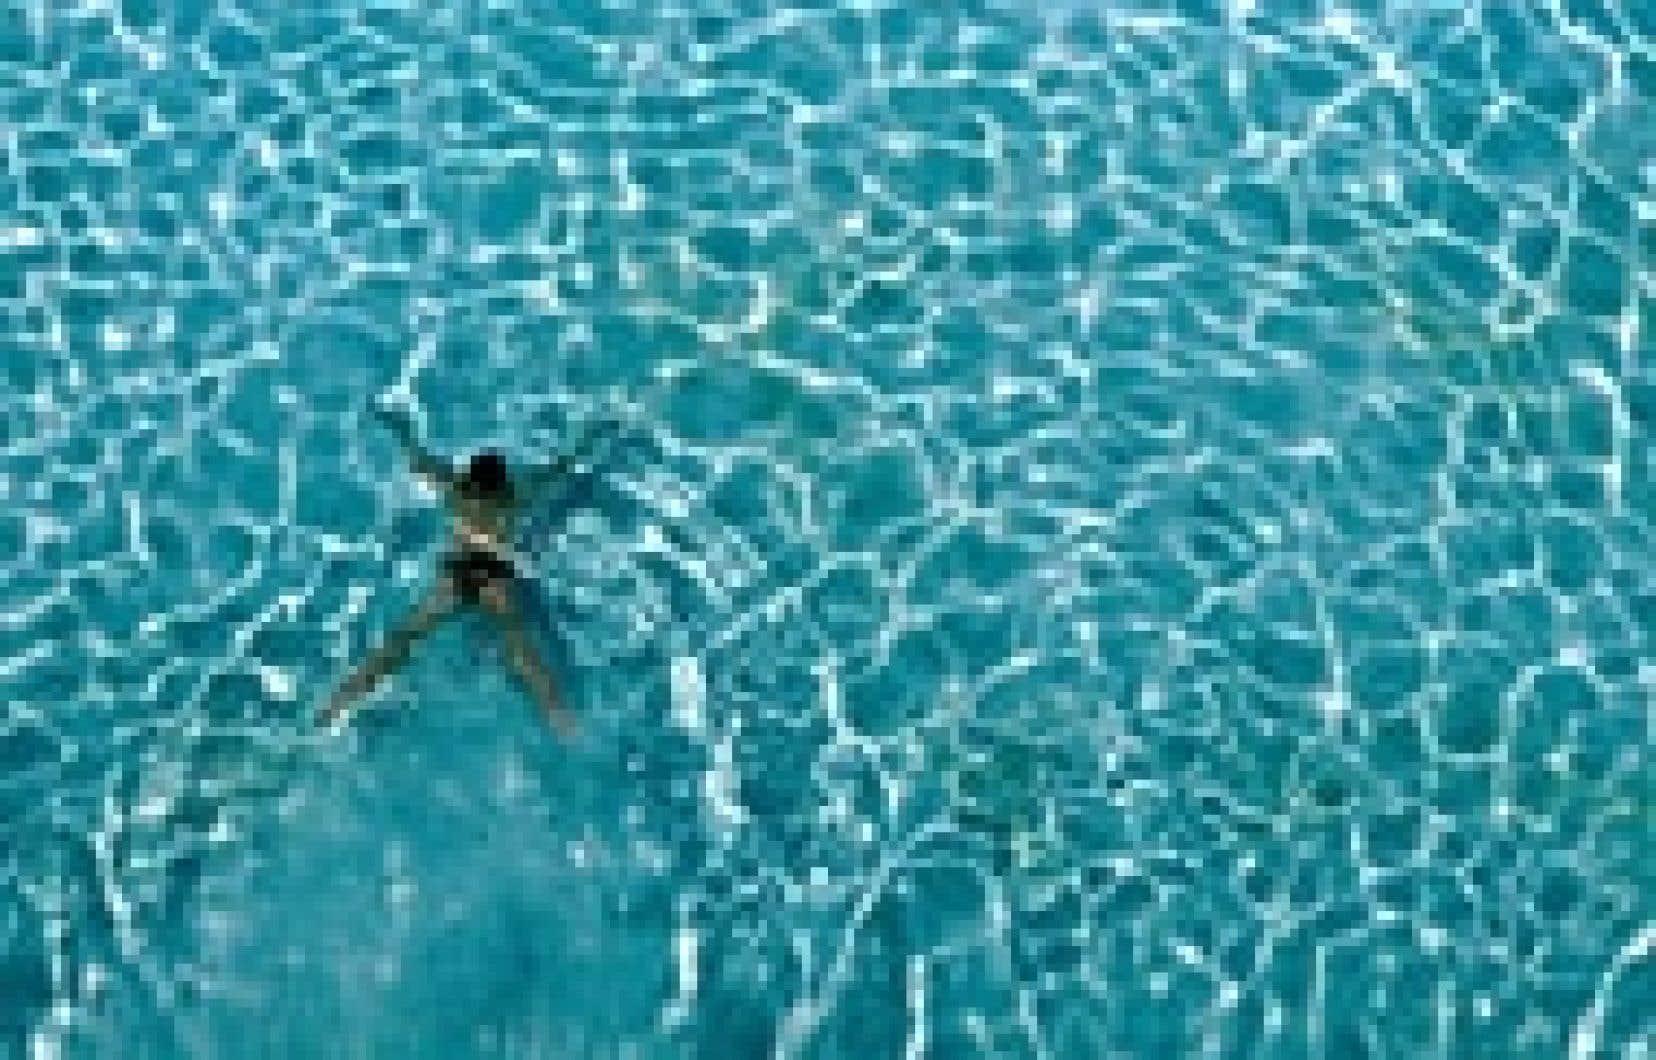 L'eau des piscines publiques de Laval n'est pas de meilleure qualité que celle de Montréal, selon une enquête du Journal de Montréal.